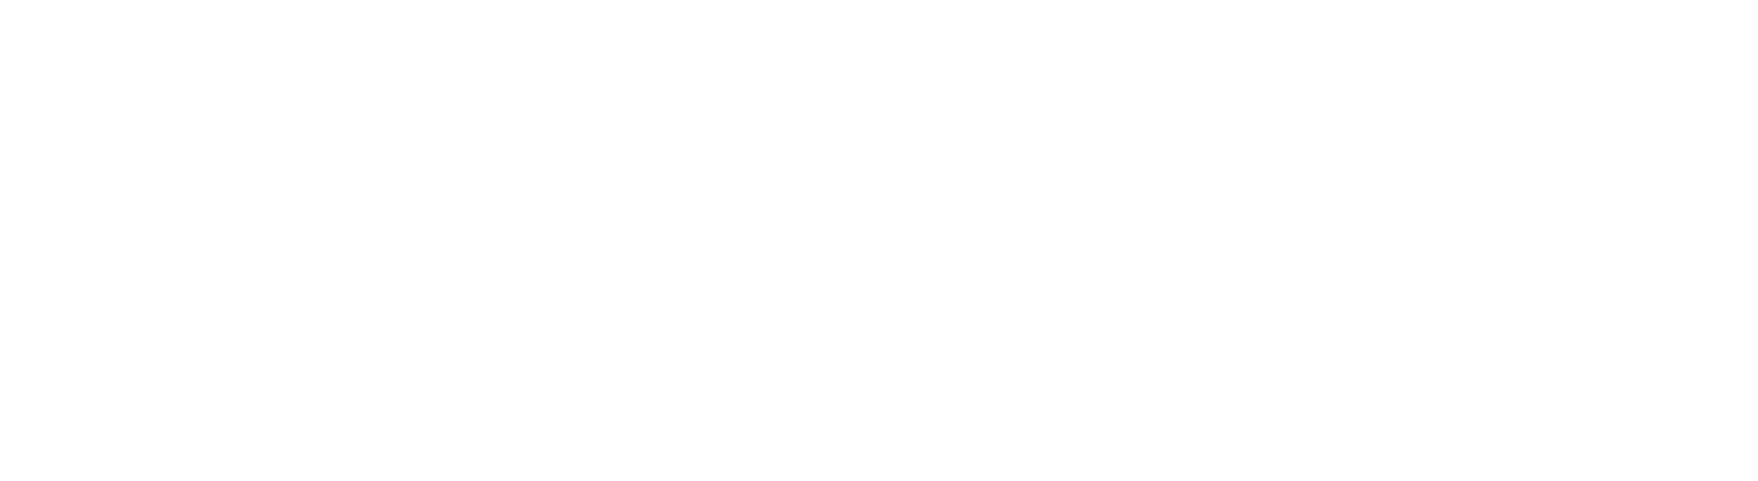 dekra_zertifizierung9